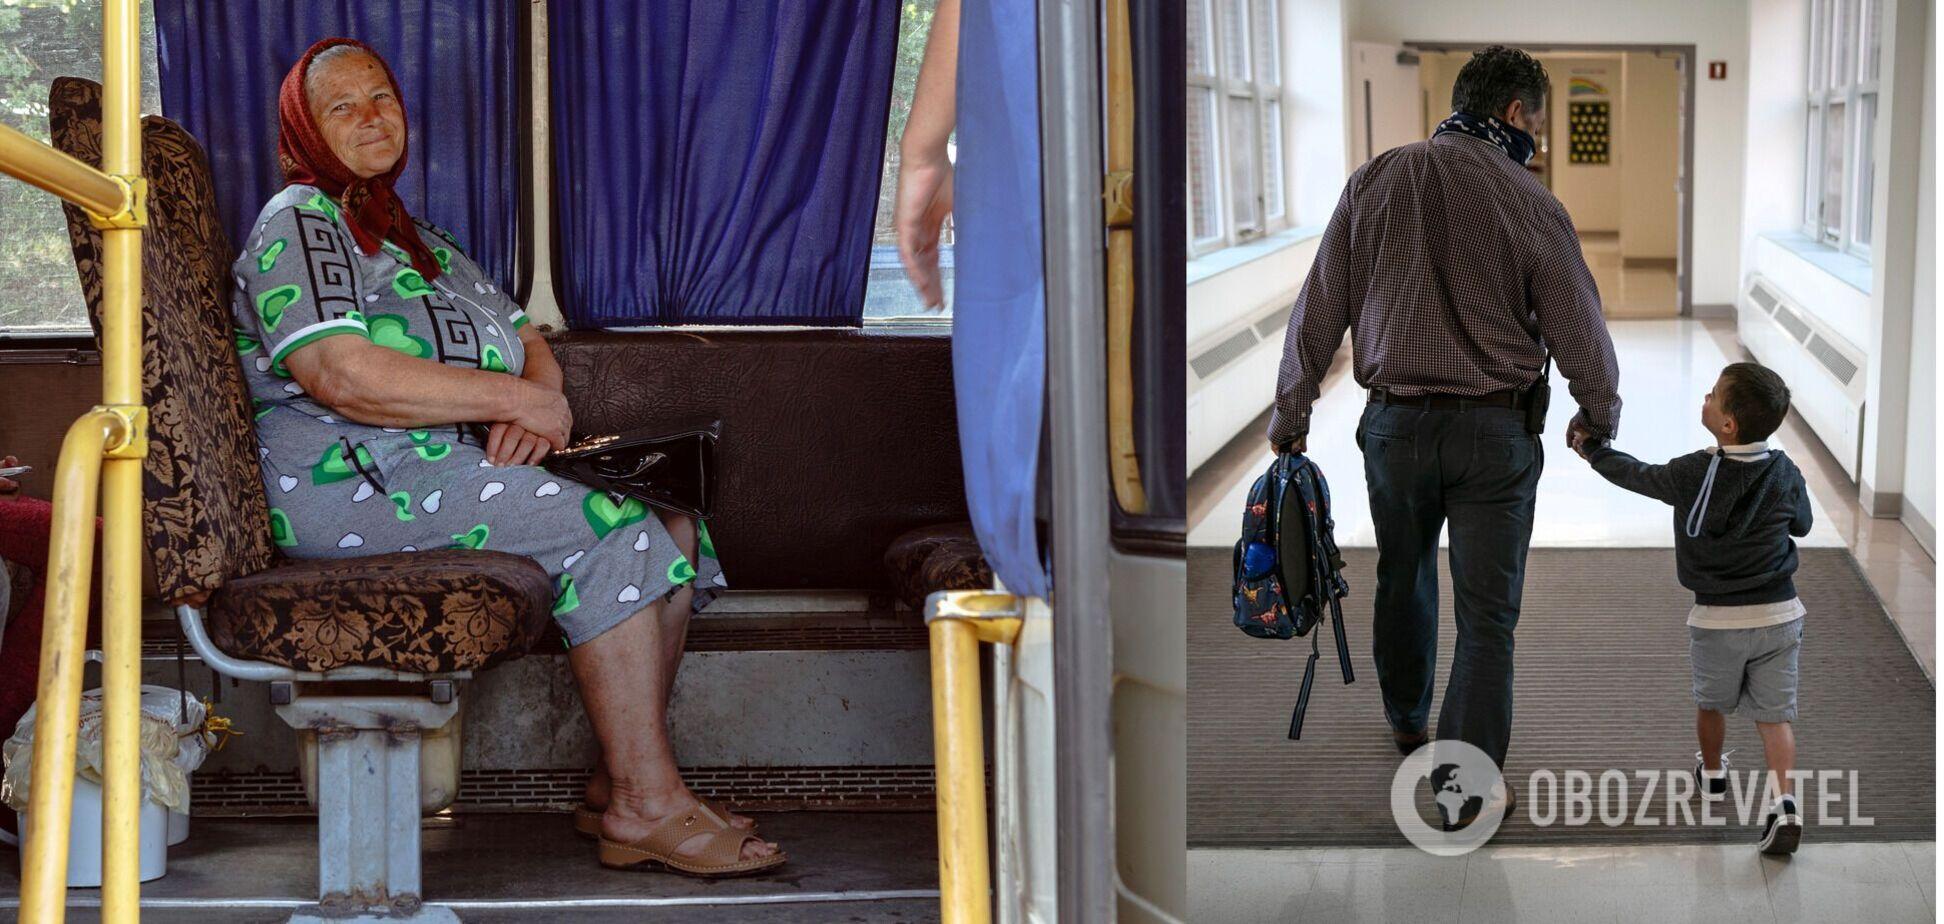 Эпидемиолог сказал украинцам, как снизить риски заболевания коронавирусом